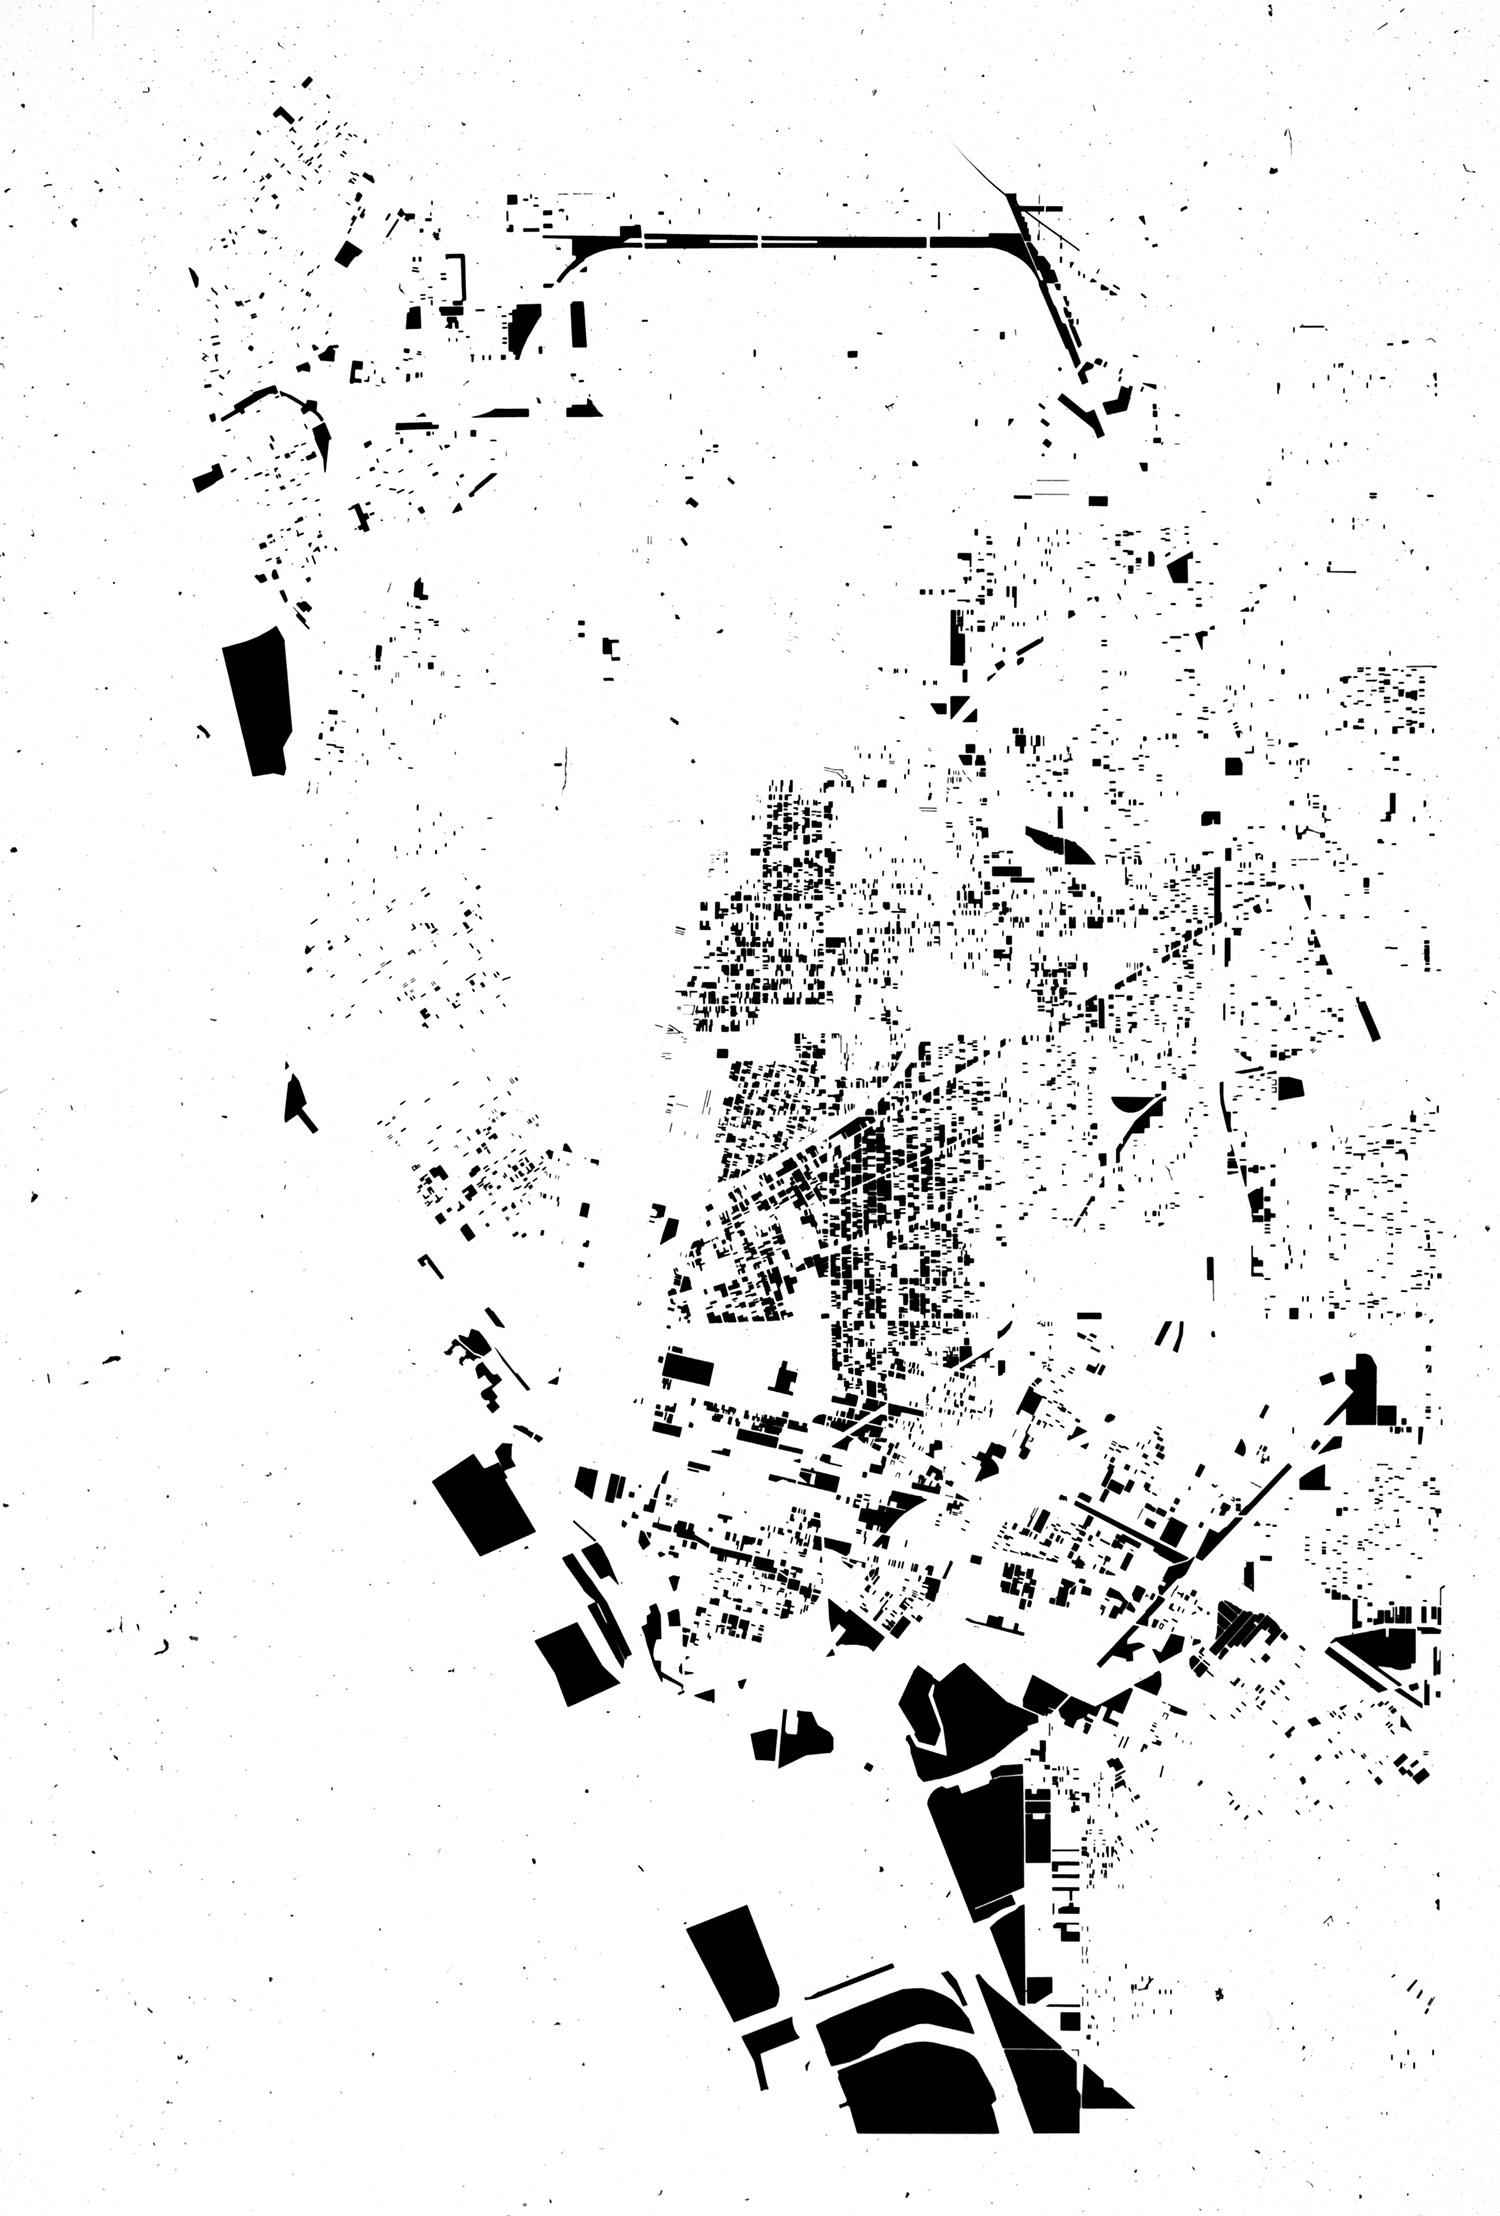 marginal spaces-6.jpg